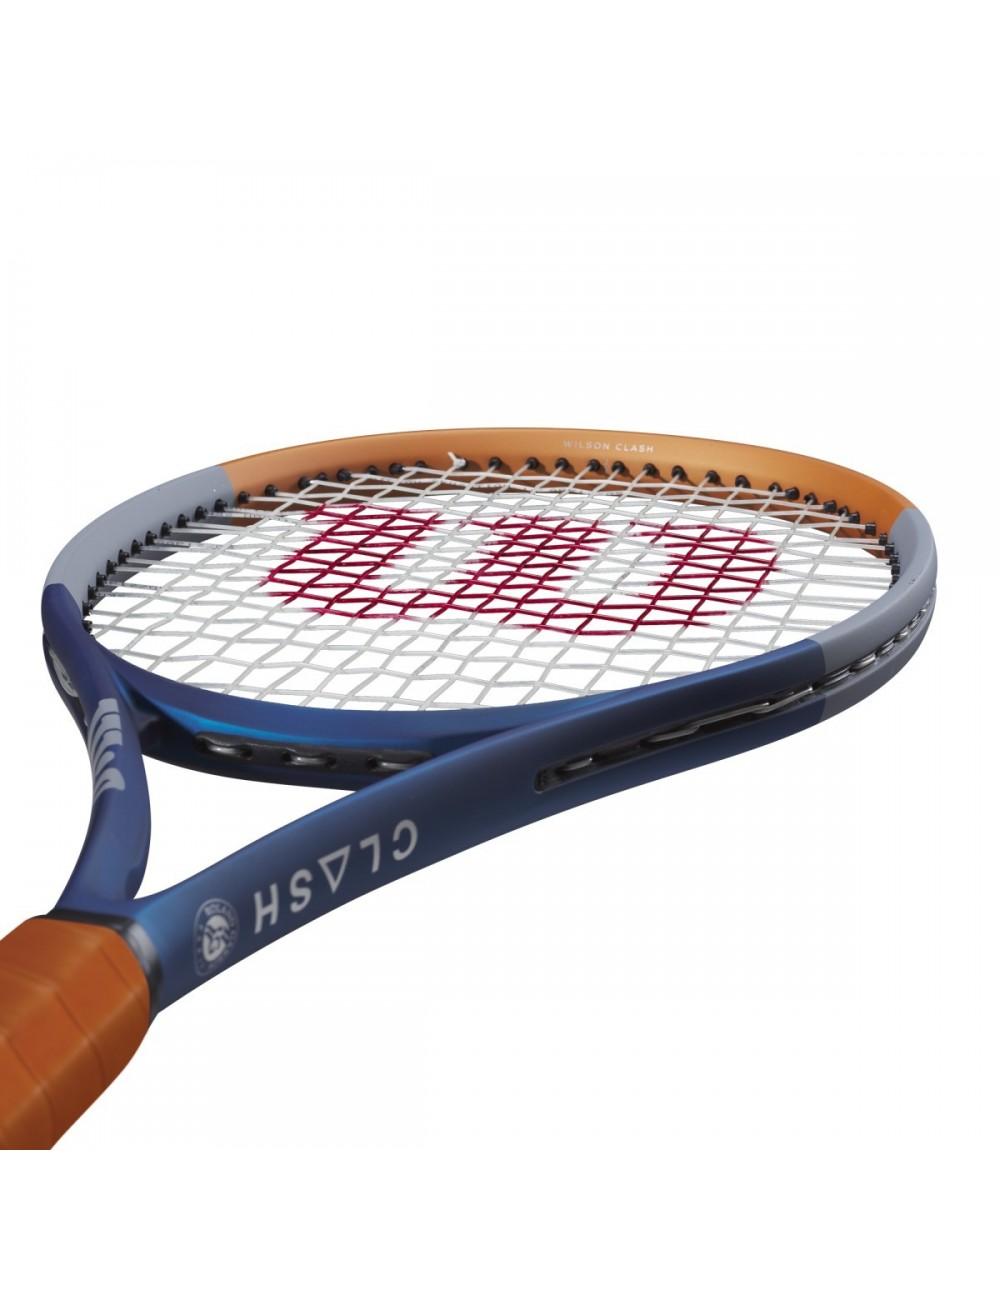 Racquet Novak 19